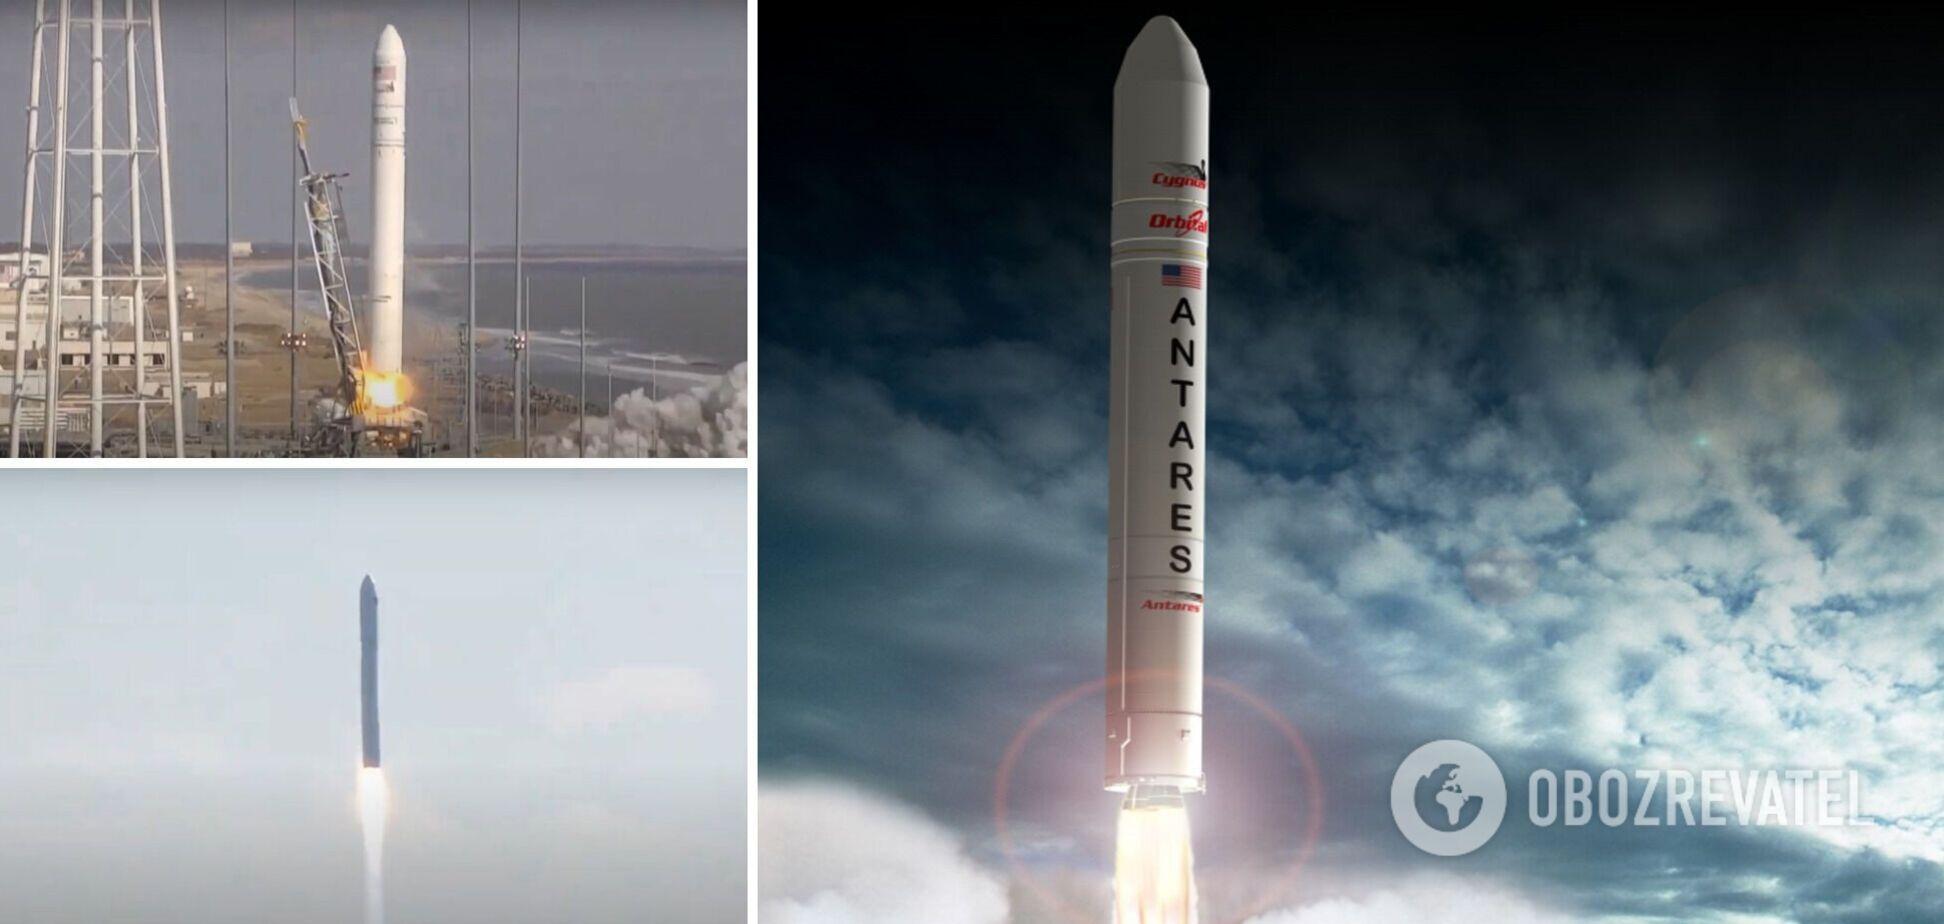 Украинско-американская ракета вывела на орбиту космический корабль. Фото и видео запуска